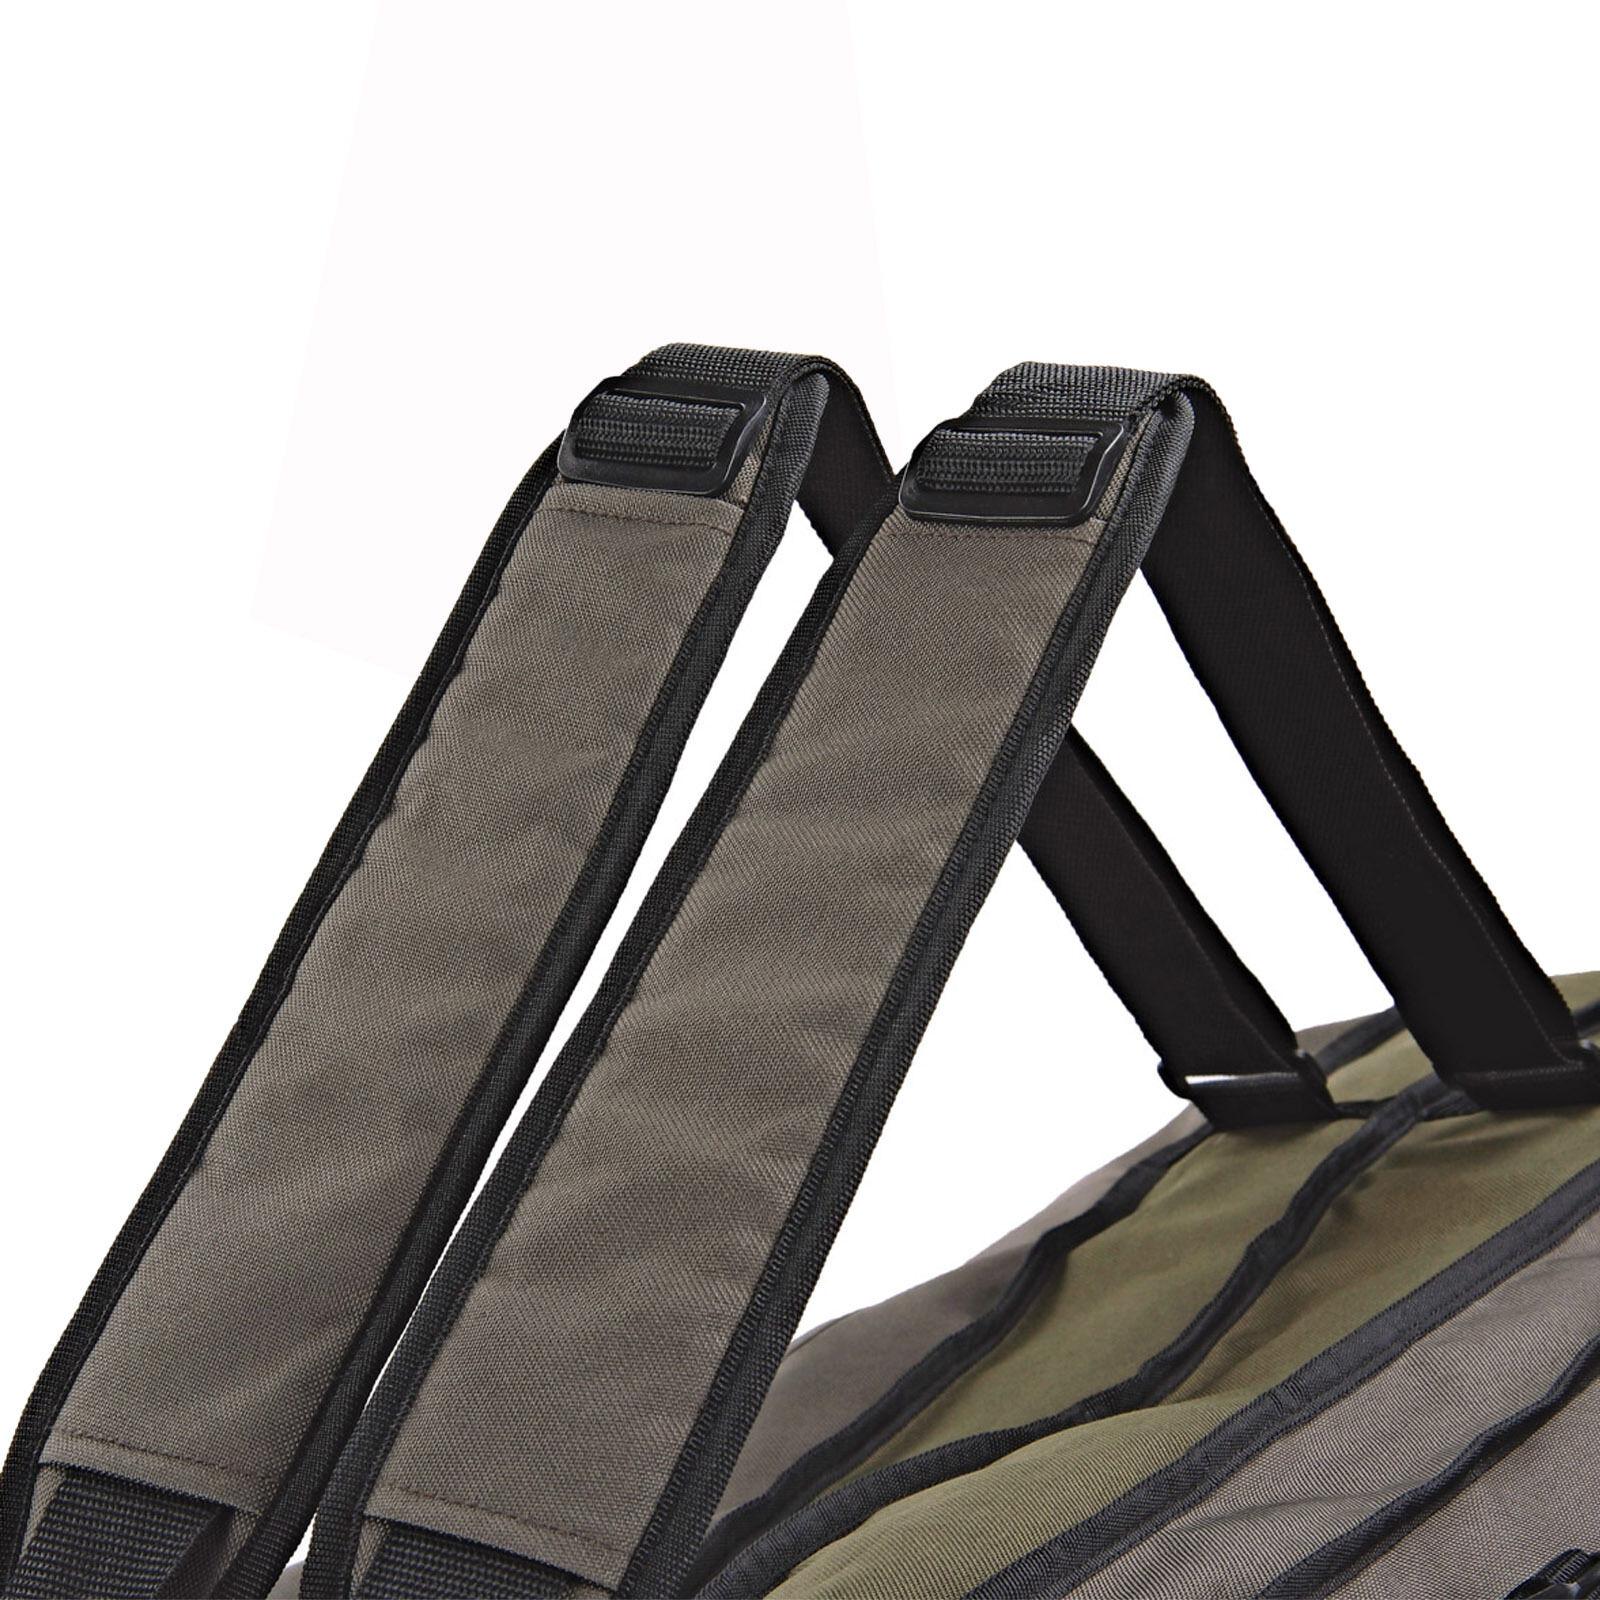 Gepolsterte Rutentasche 3 Fächer 1,30-1,70m 600D Nylon Futterale Angel-Taschen